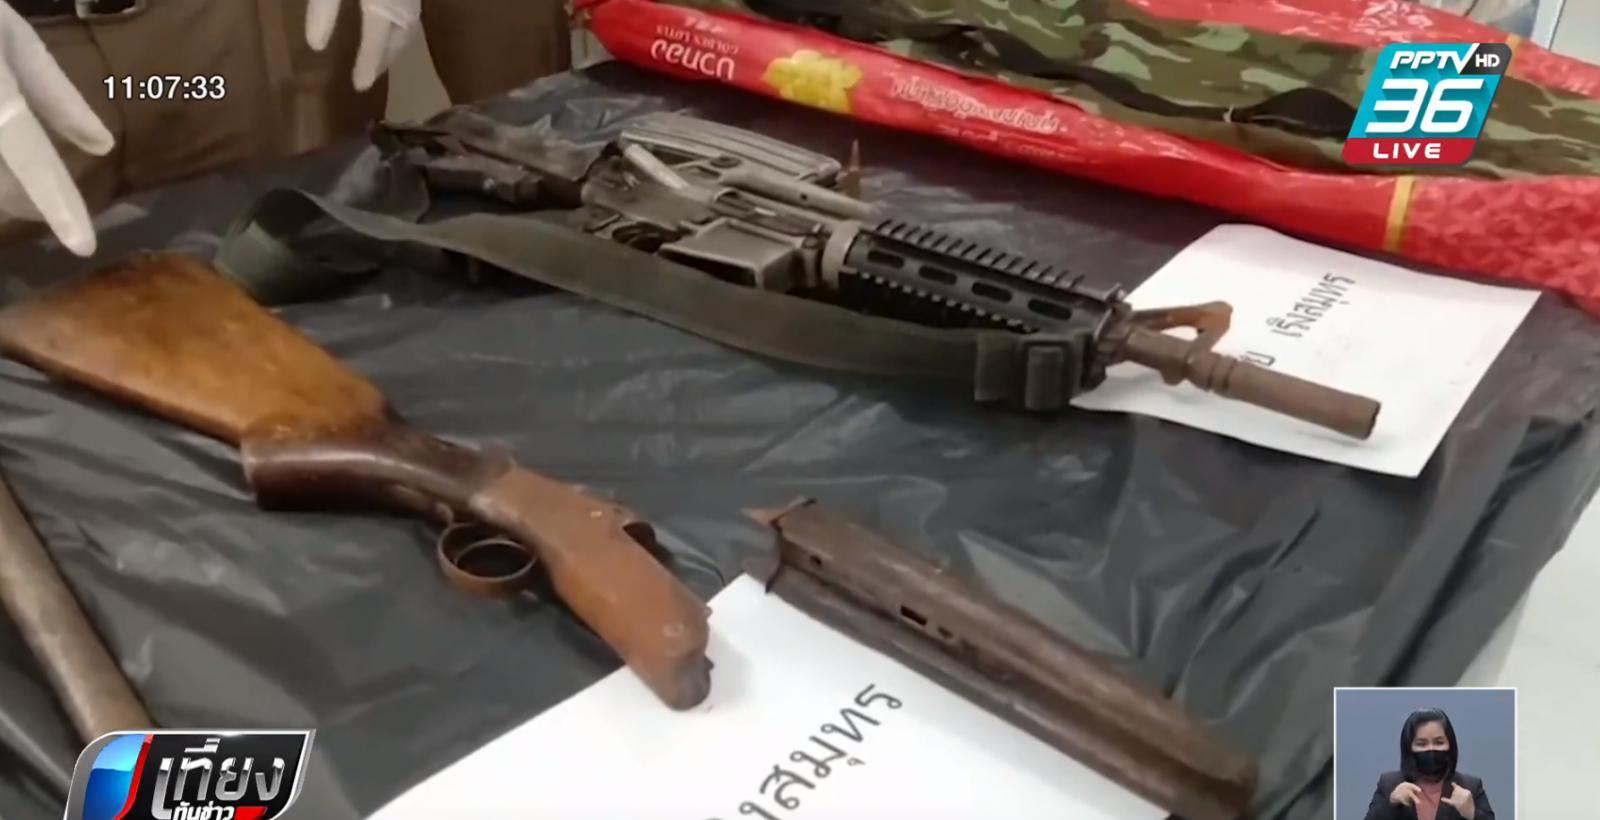 """ตร.ยึดปืนเอ็ม 16 - ลูกซอง """"บังฟิต"""" อาวุธใช้ก่อเหตุฆ่าโหด """"เสี่ยสุชาติ"""""""